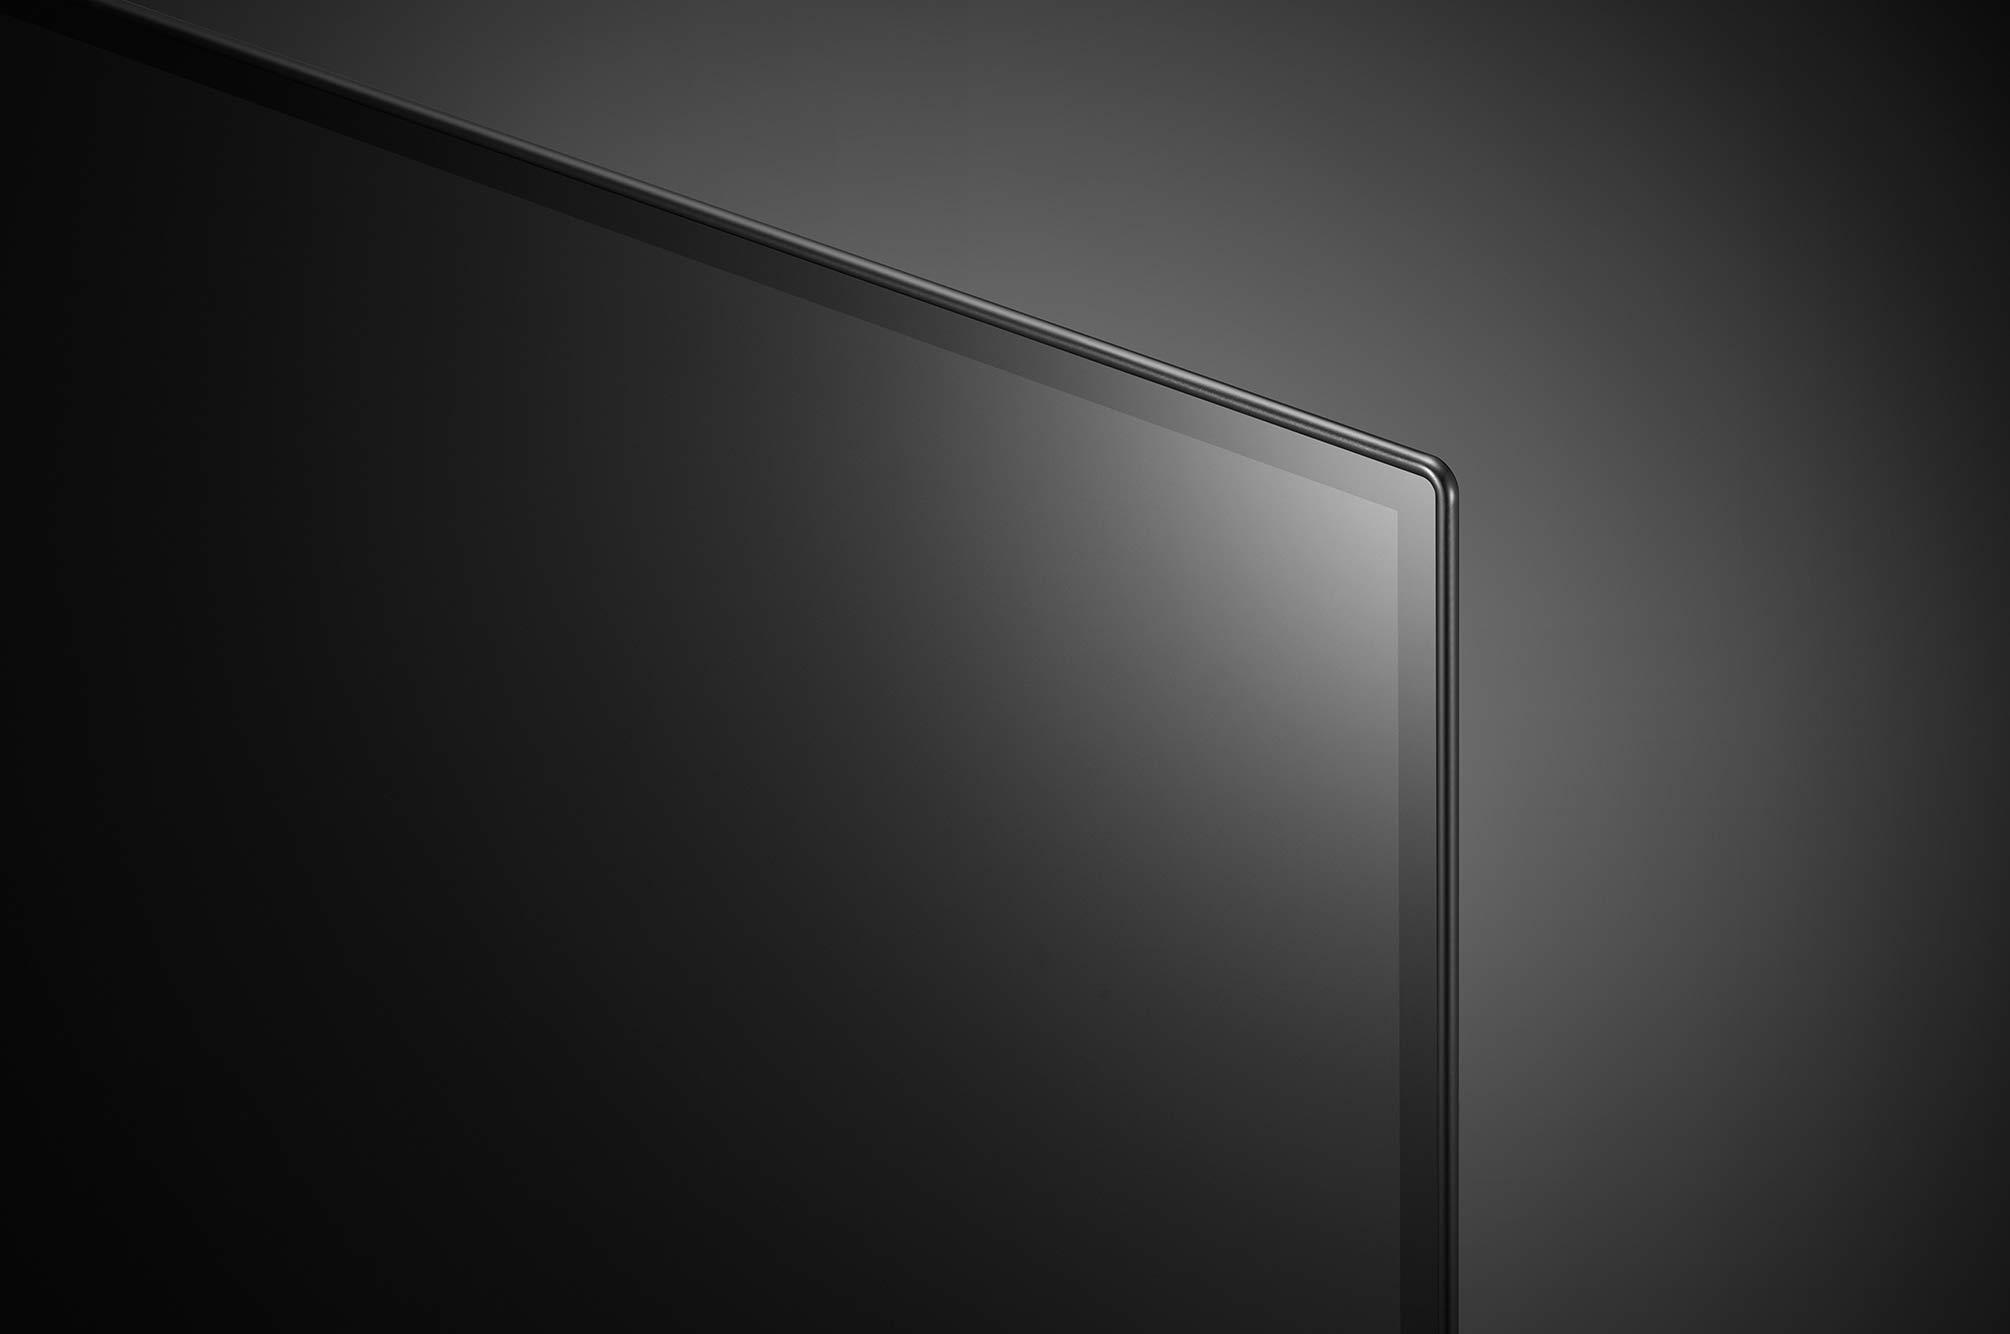 טלוויזיה 65 אינץ' דגם OLED 65C1PVA בטכנולוגיית LG OLED 4K Ultra HD אל ג'י - תמונה 10